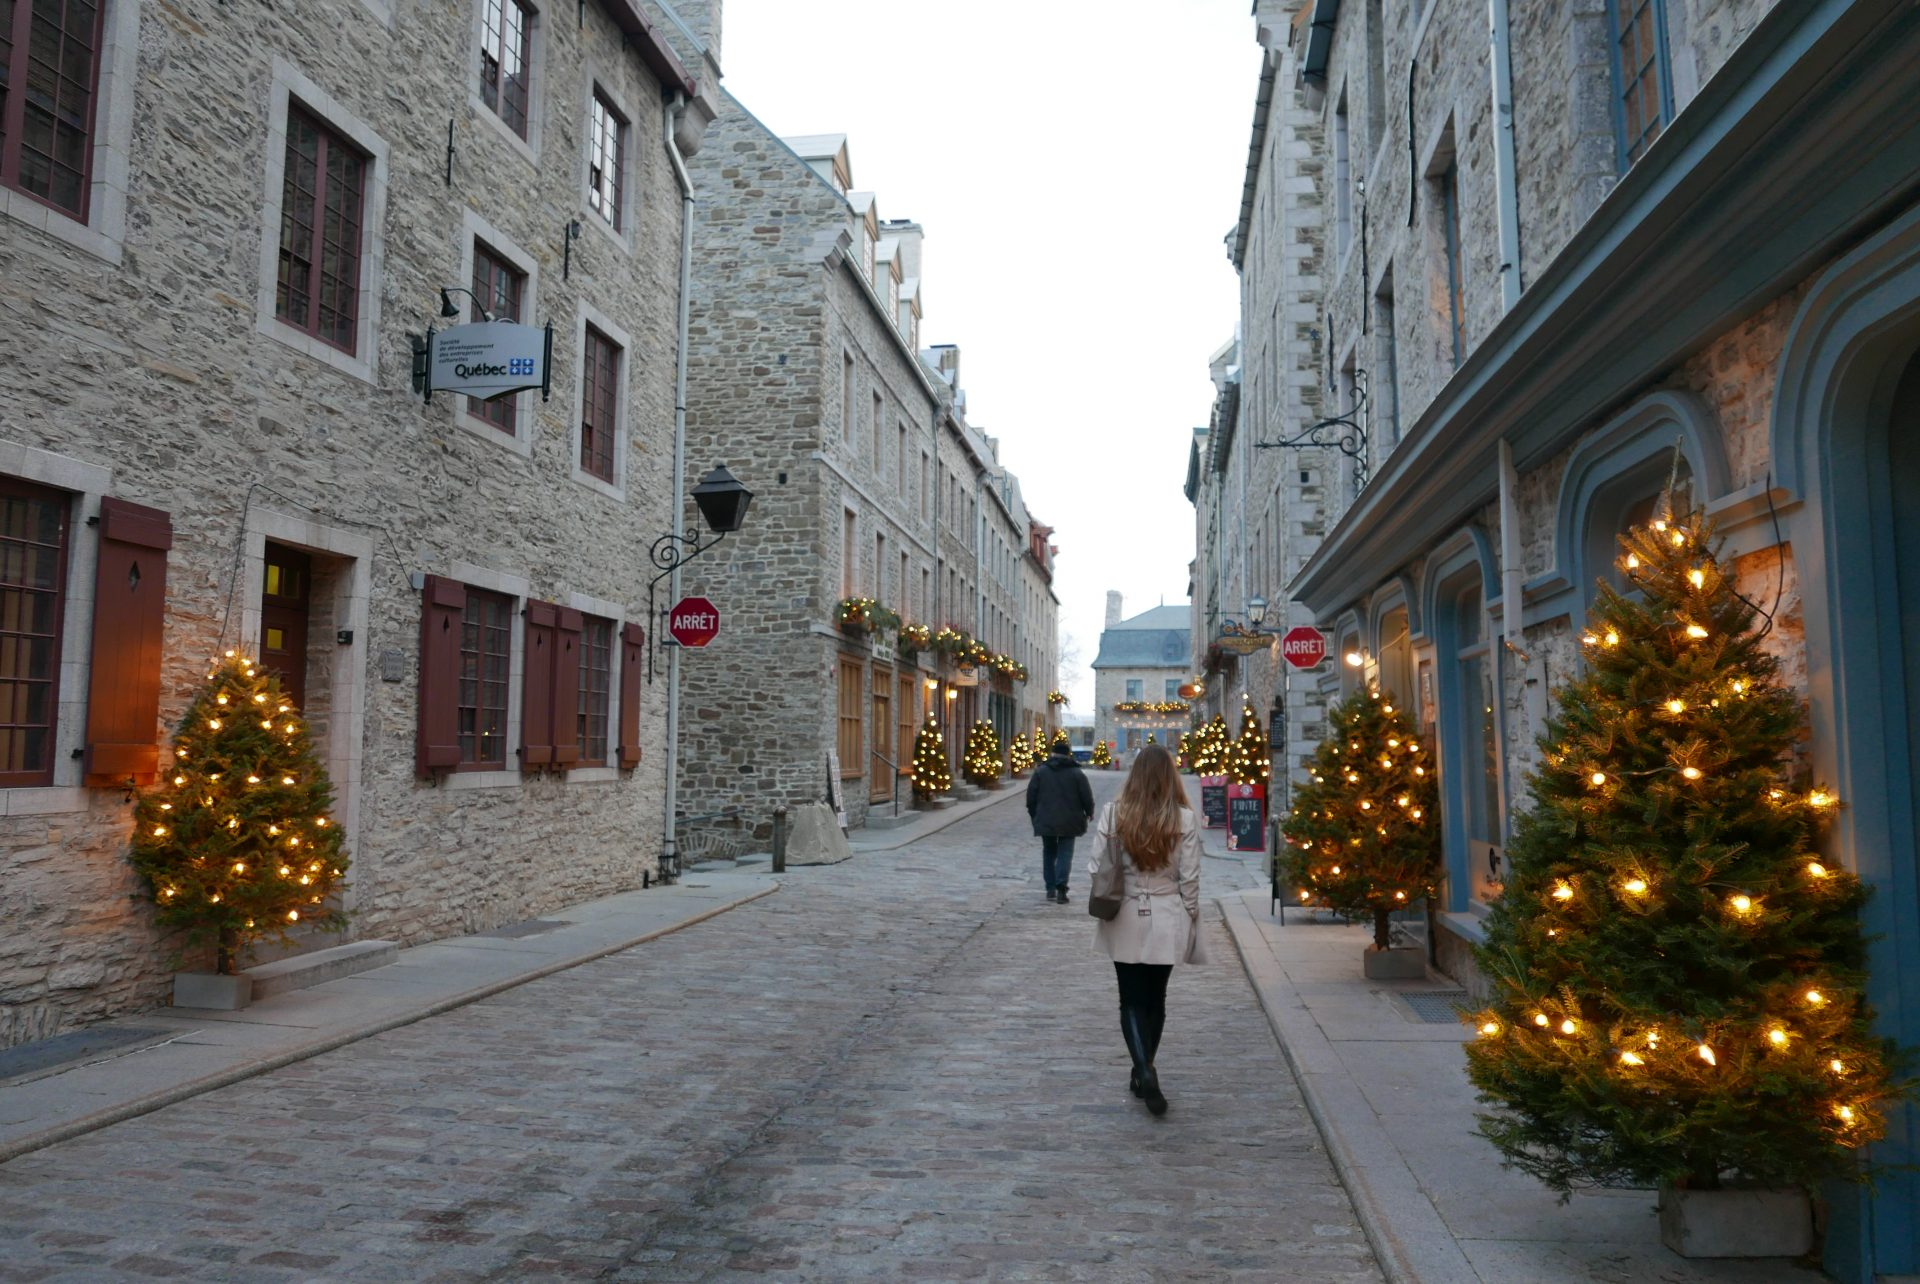 Quebec = História + Charme + Sofisticação + Excelente Hospitalidade